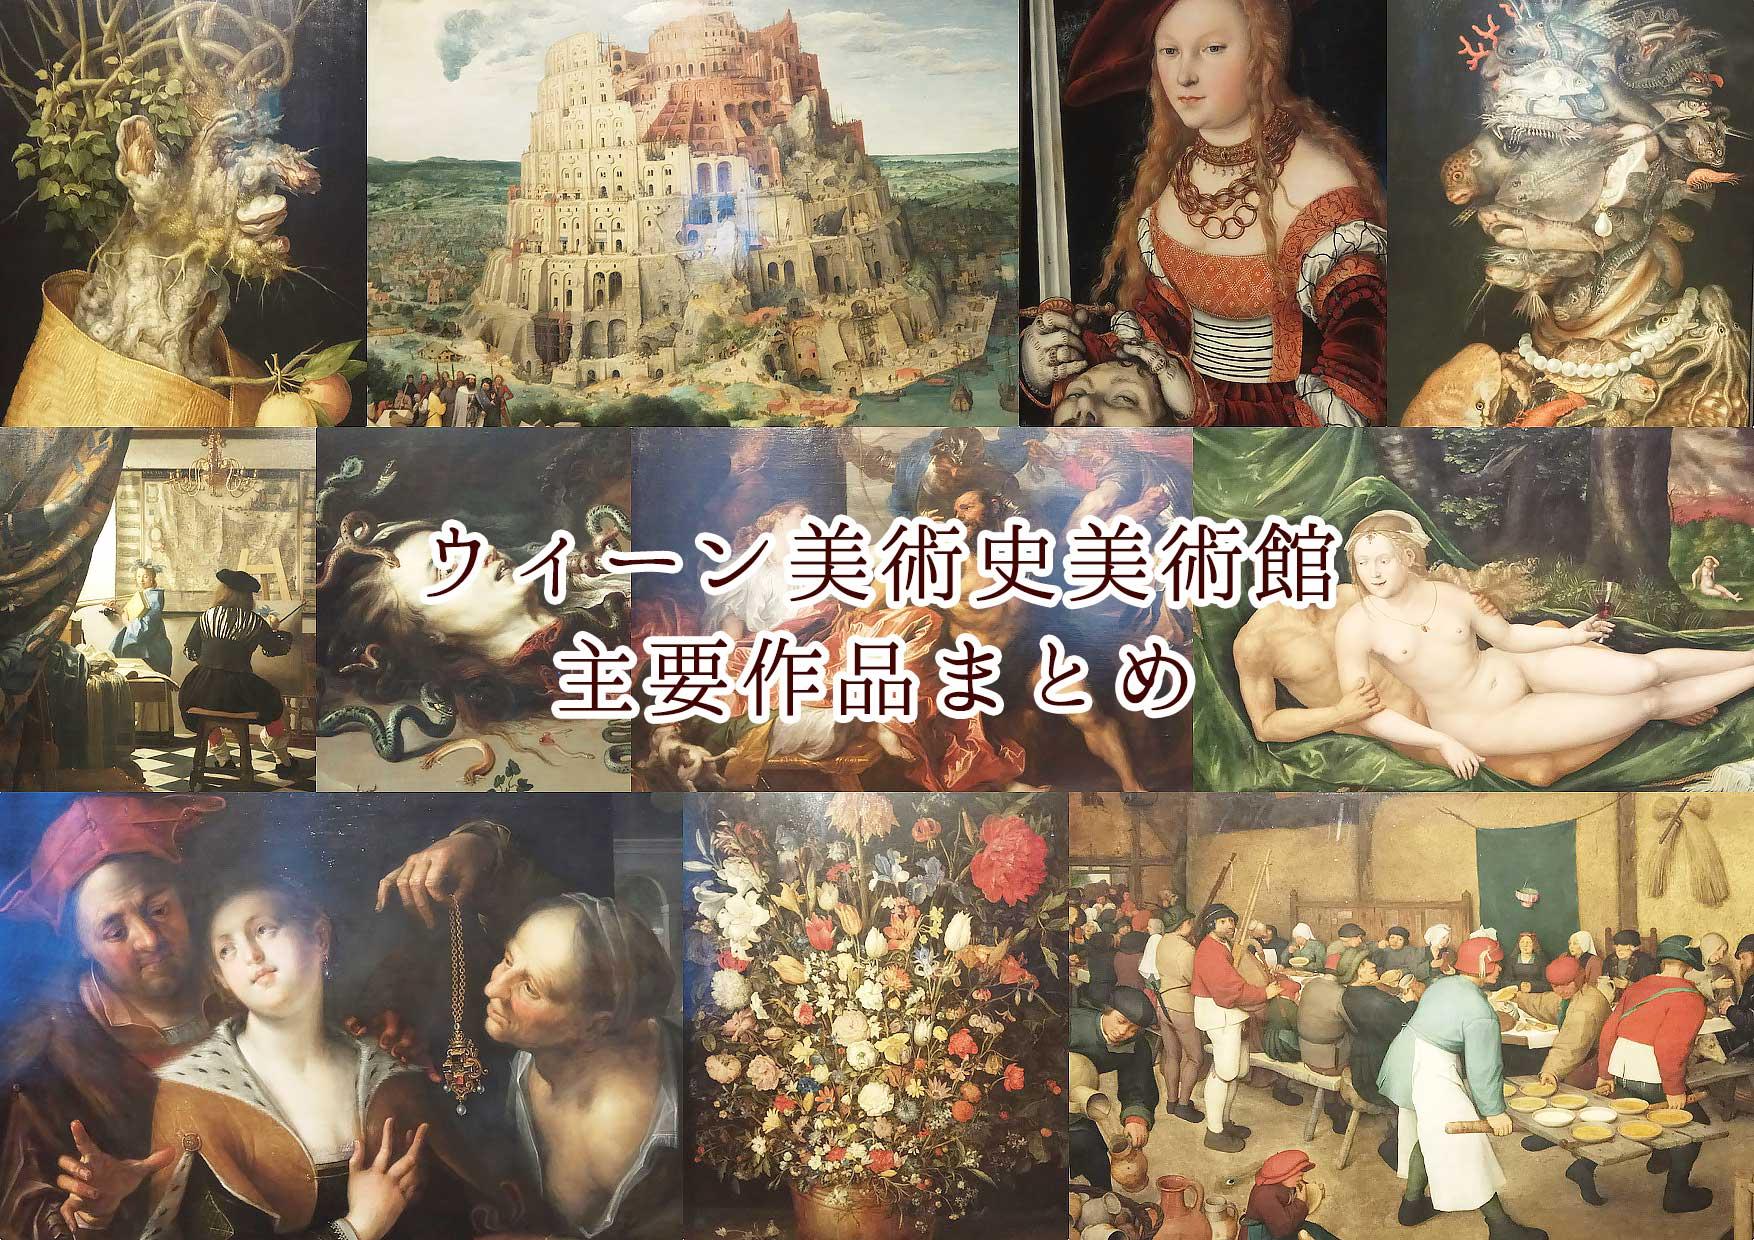 ウィーン美術館巡り・美術史美術館の主要作品(2019年7月)